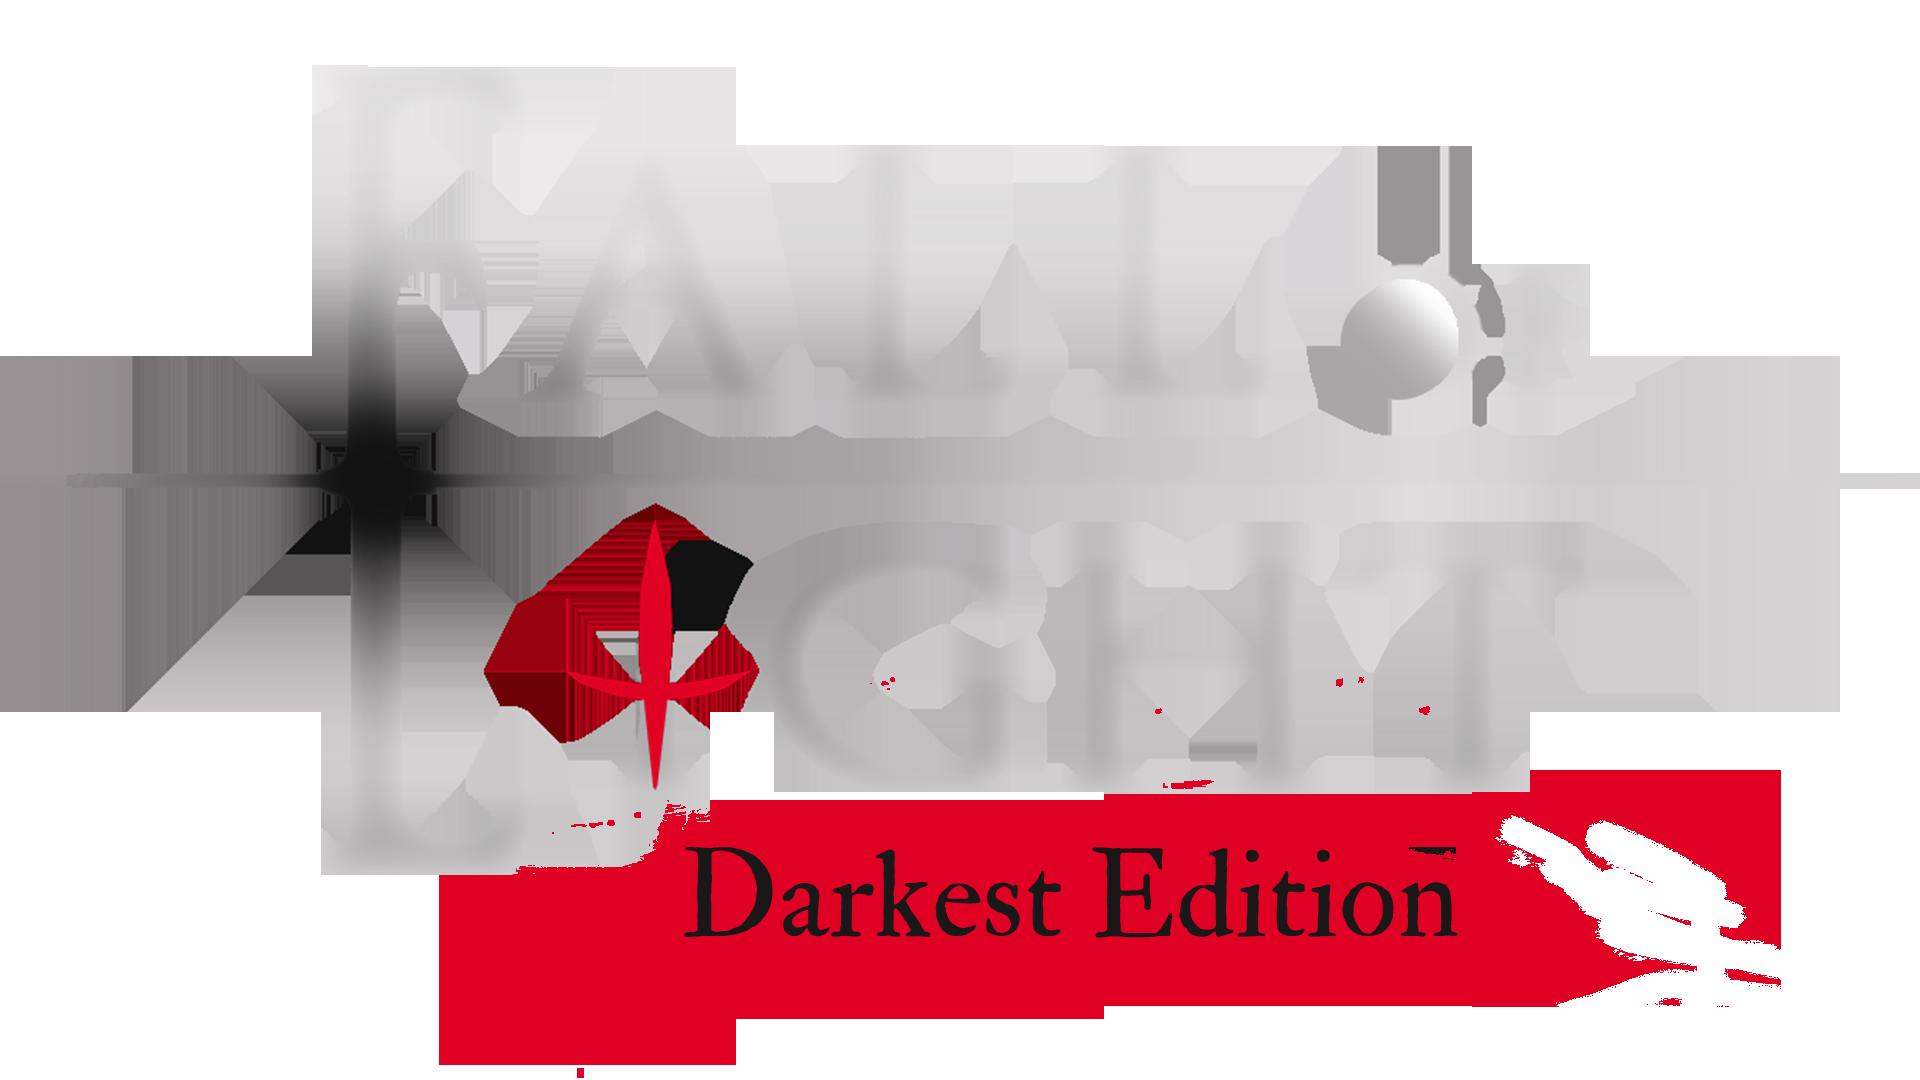 【简中】光明陨落:极暗版(Fall of Light: Darkest Edition)v1.5 [2019.02.15] - 第2张  | OGS游戏屋